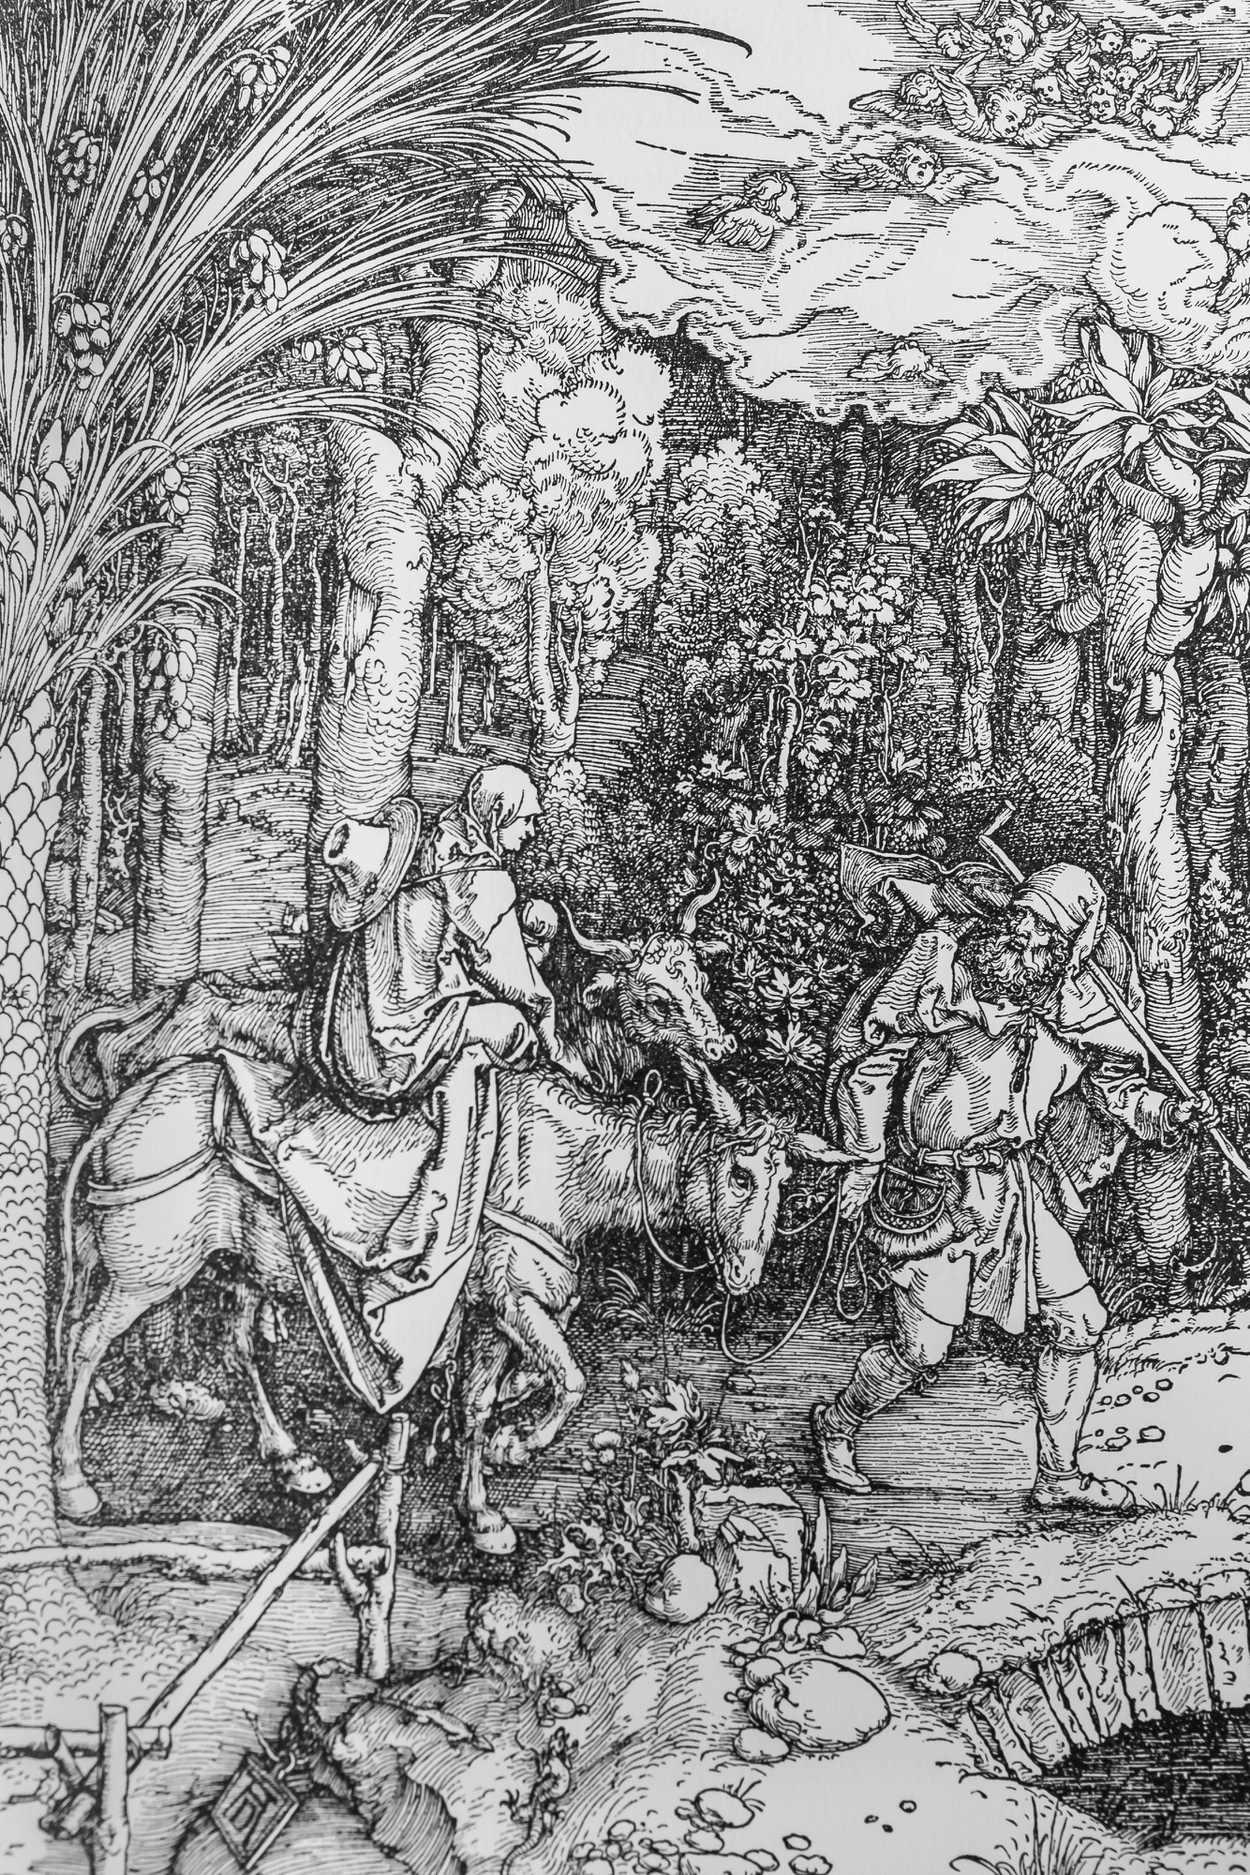 Die ursprünglich von Albrecht Dürer als Holzstich angelegten Vorlagen wurden als Klischees aufbereitet und dann nachgedruckt.